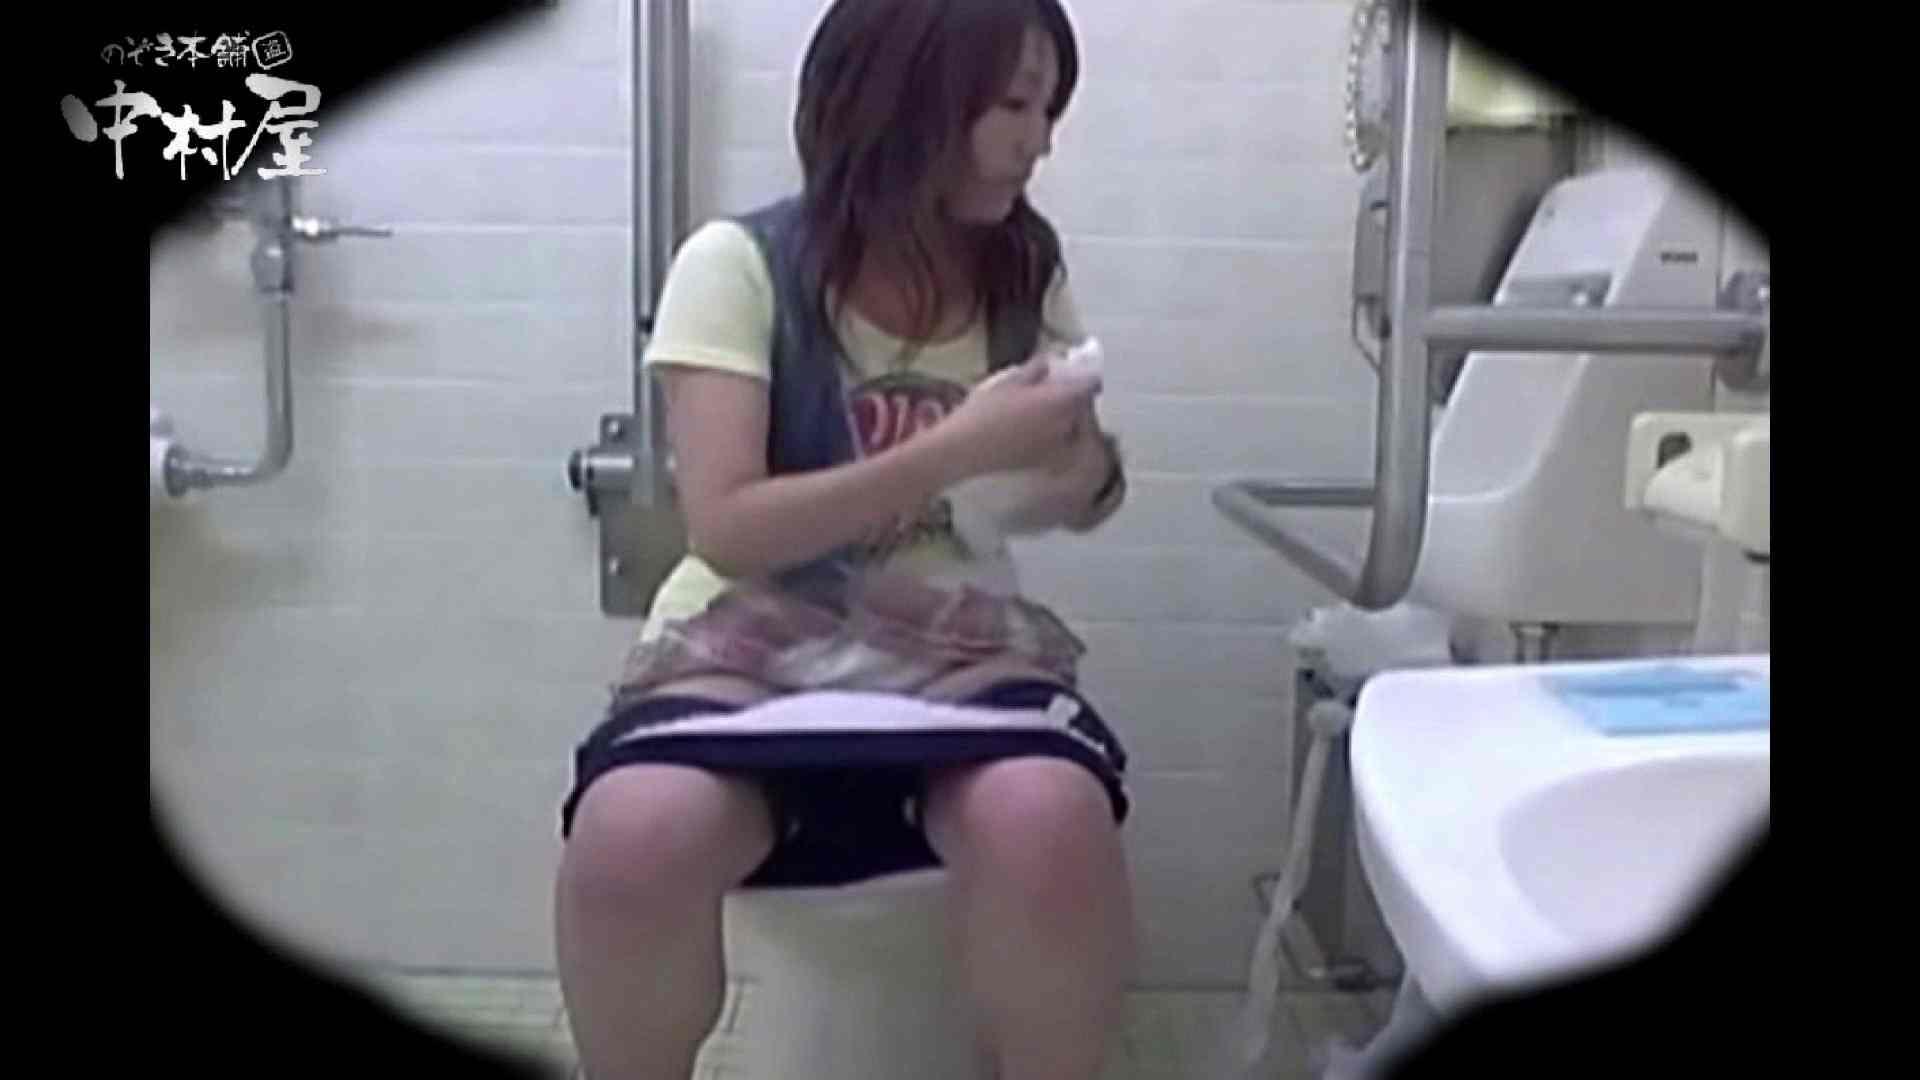 teen galトイレ覗き紙がナイ編‼vol.12 トイレ | 覗き 盗撮 96PIX 91